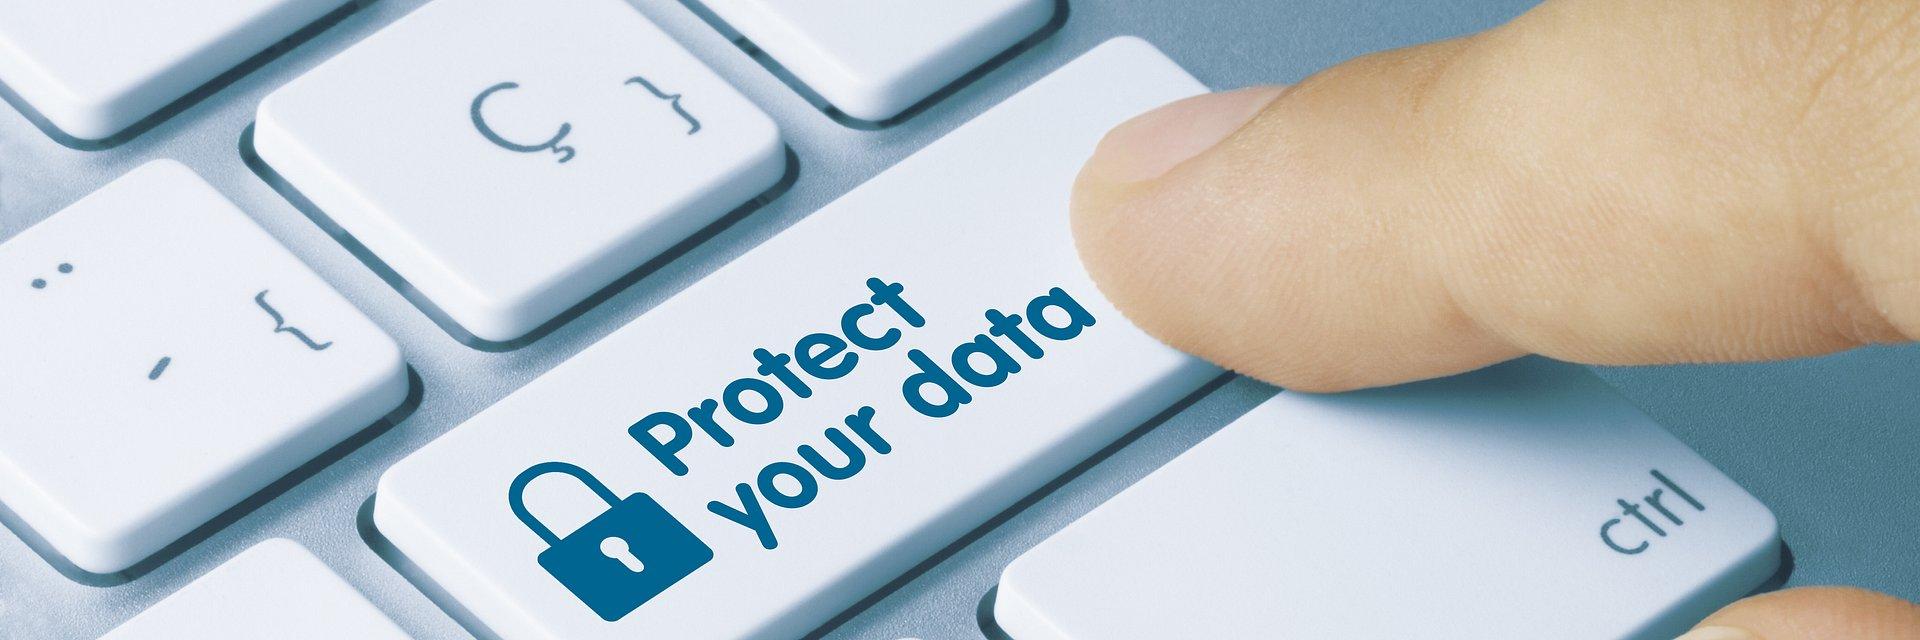 Ostrzeżenie przed próbami wyłudzenia danych